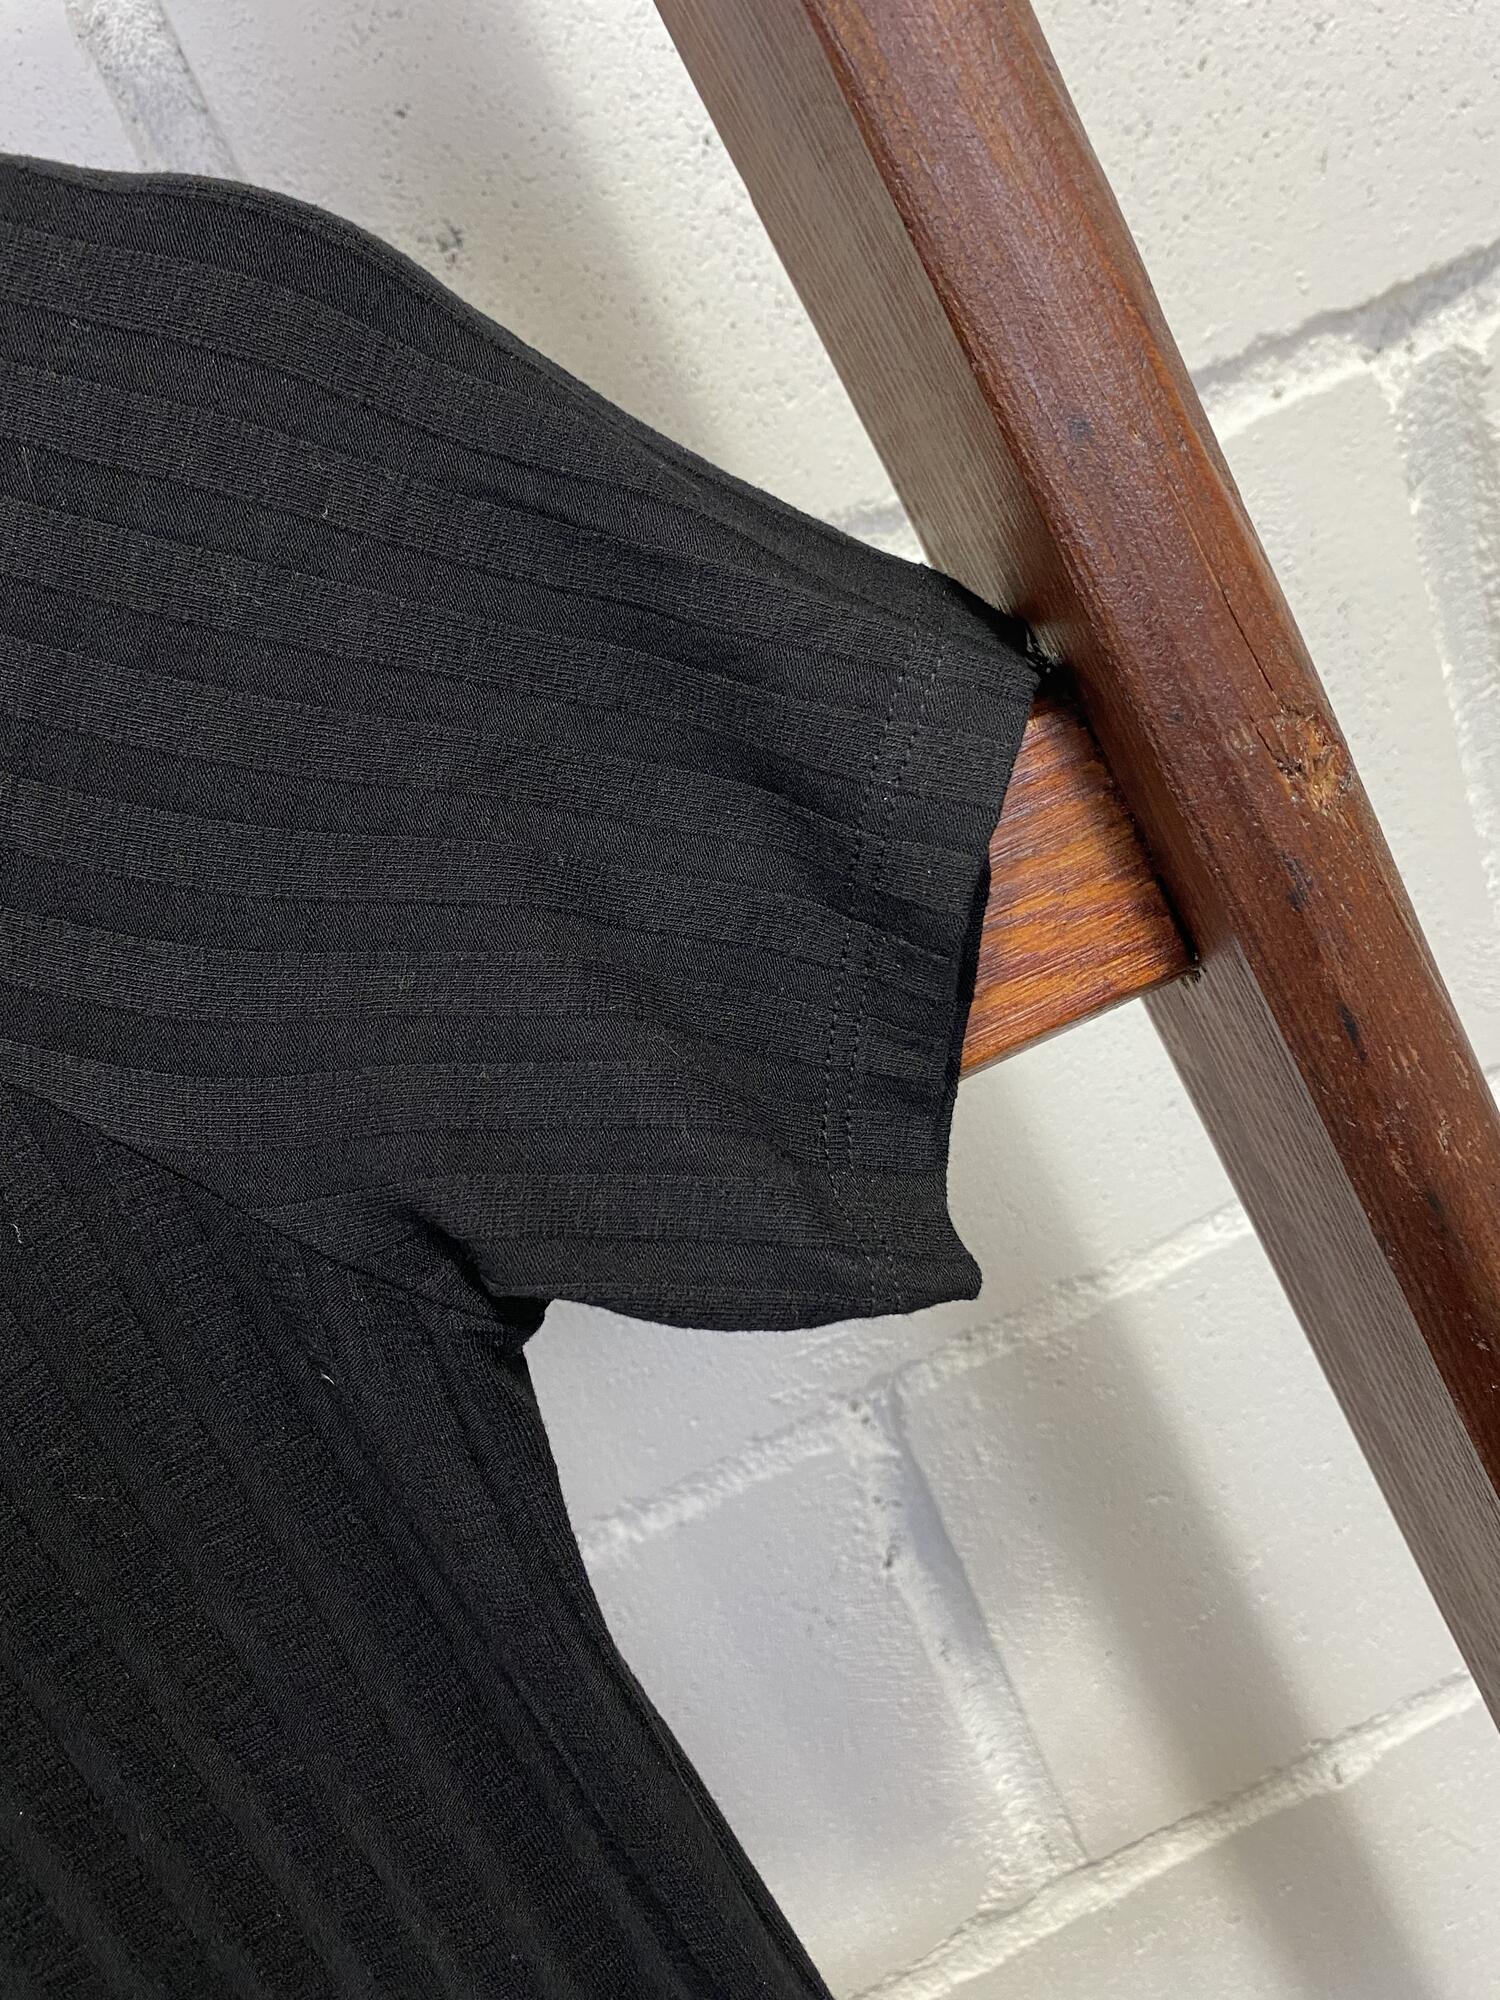 Czarna bluzka z odkrytymi ramionami H&M - Vintage Store | JestemSlow.pl